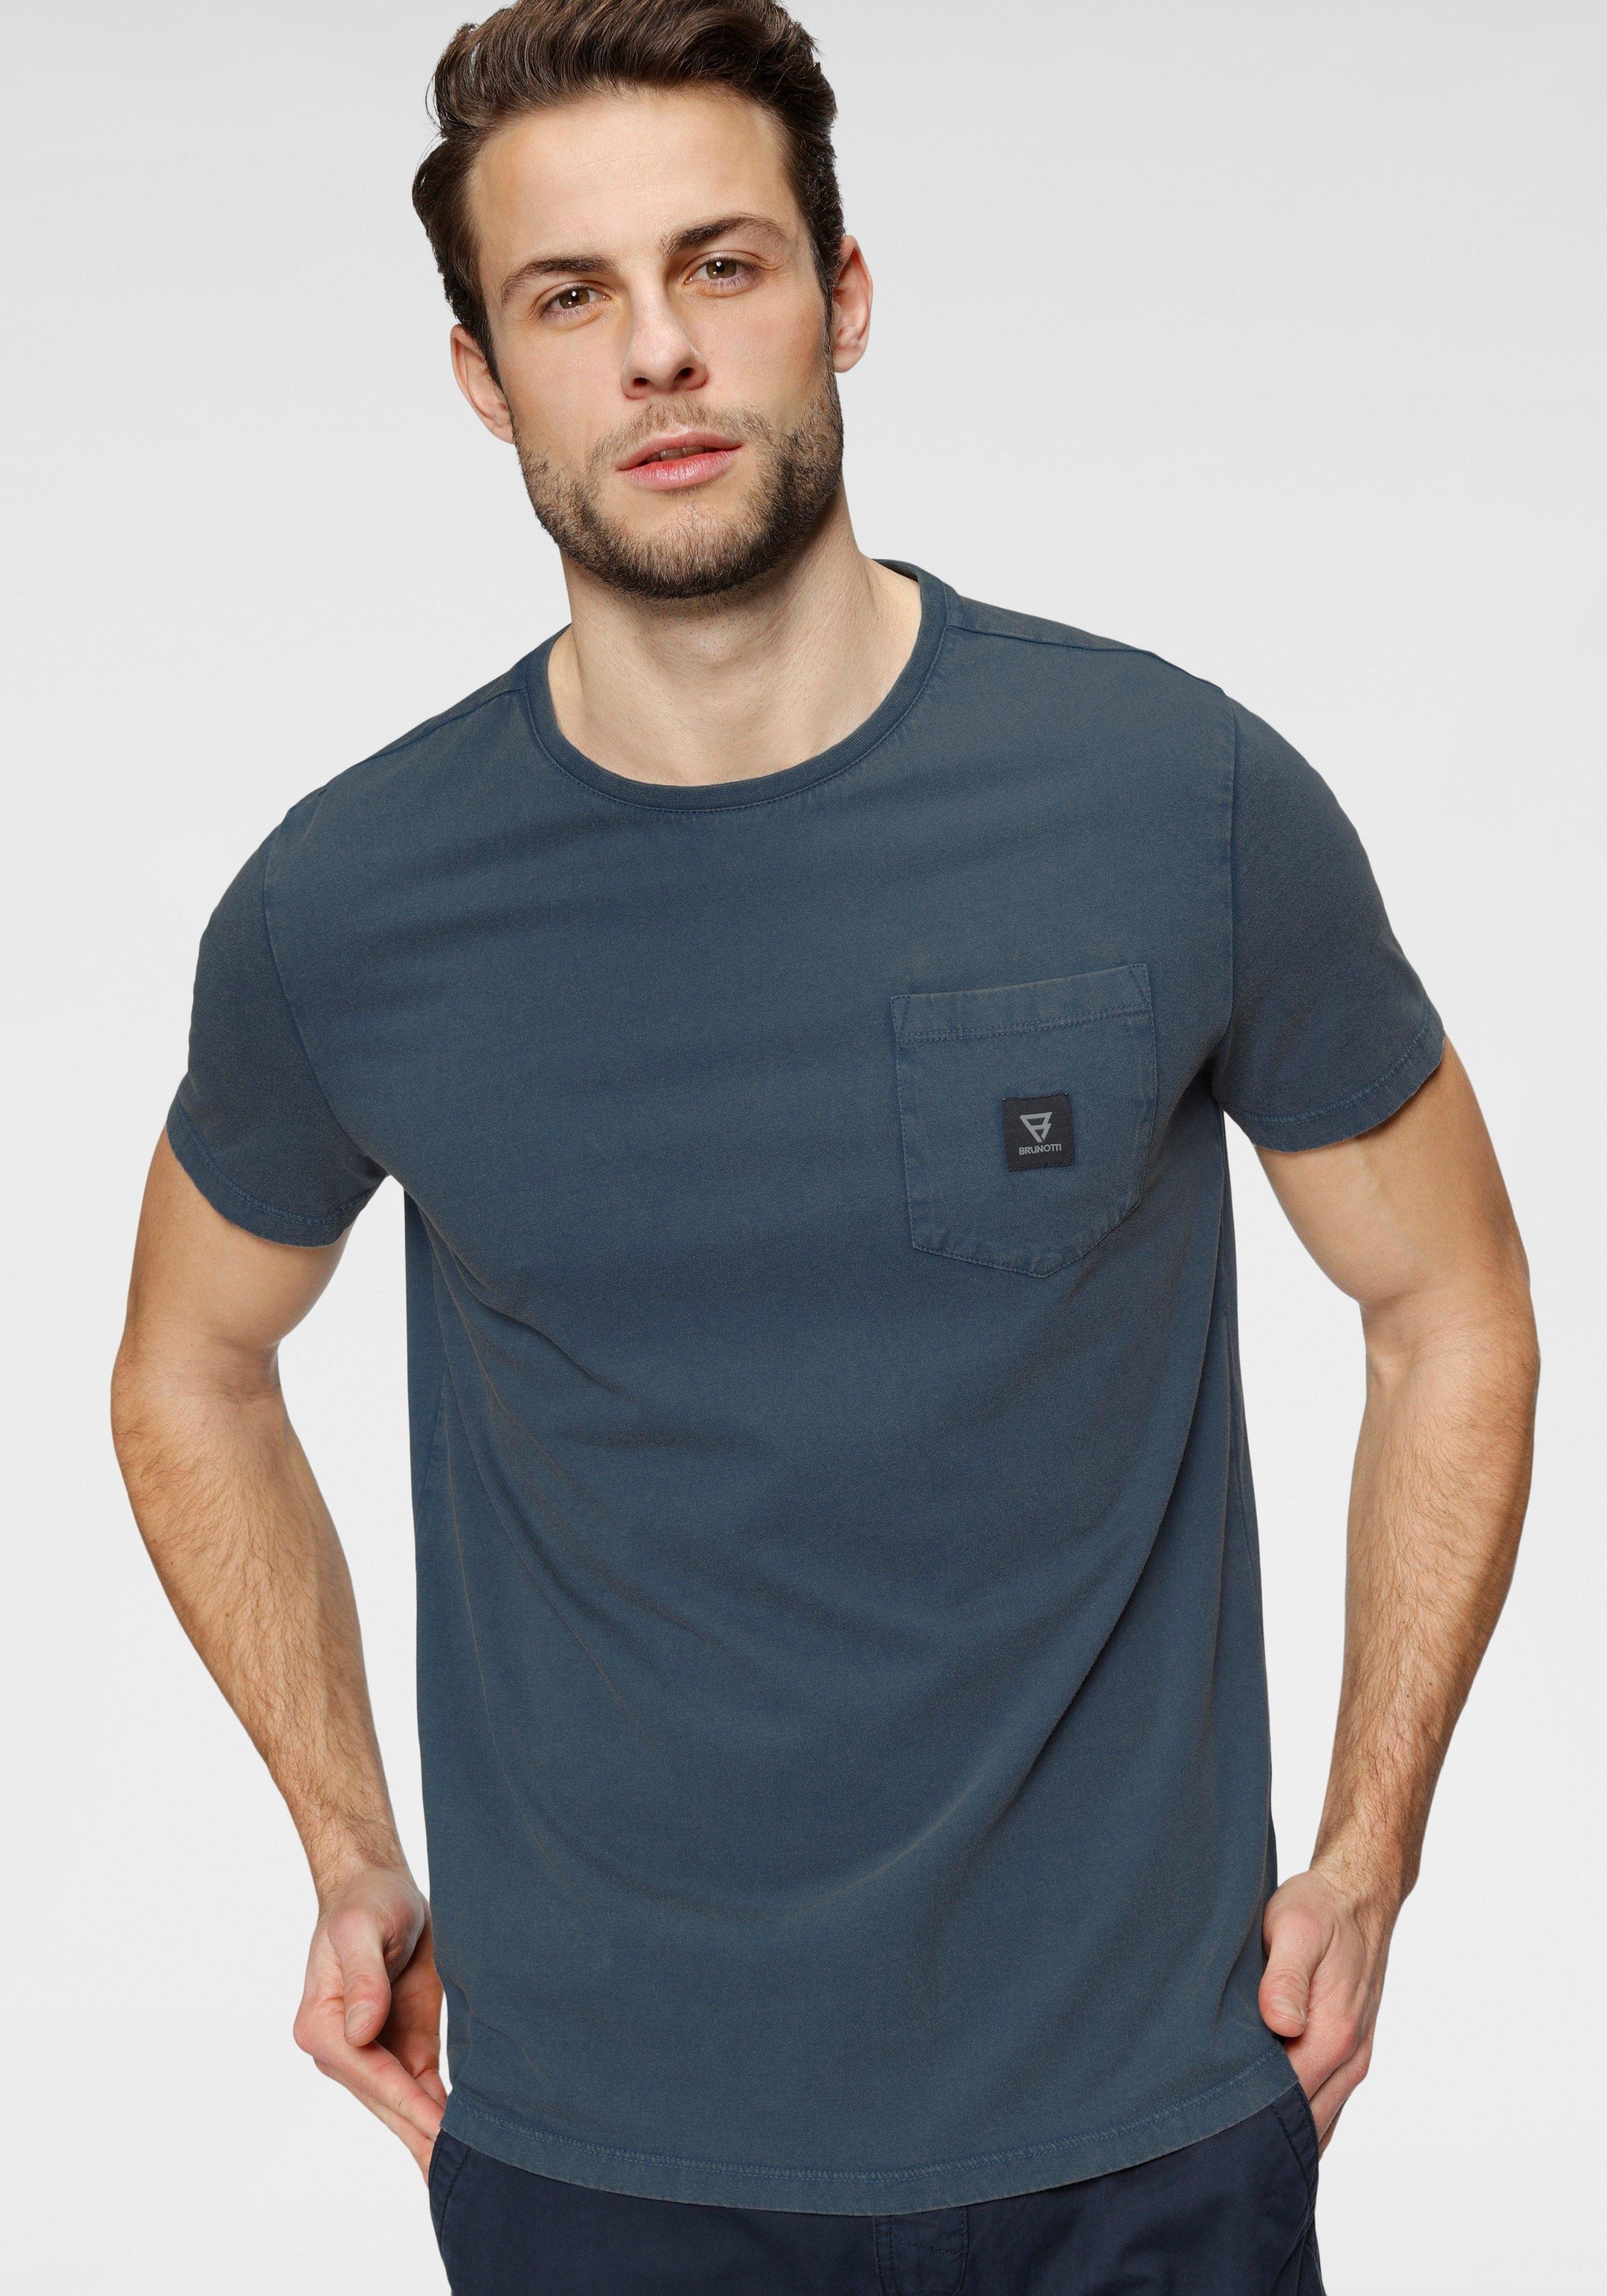 Brunotti T-shirt AXLE voordelig en veilig online kopen